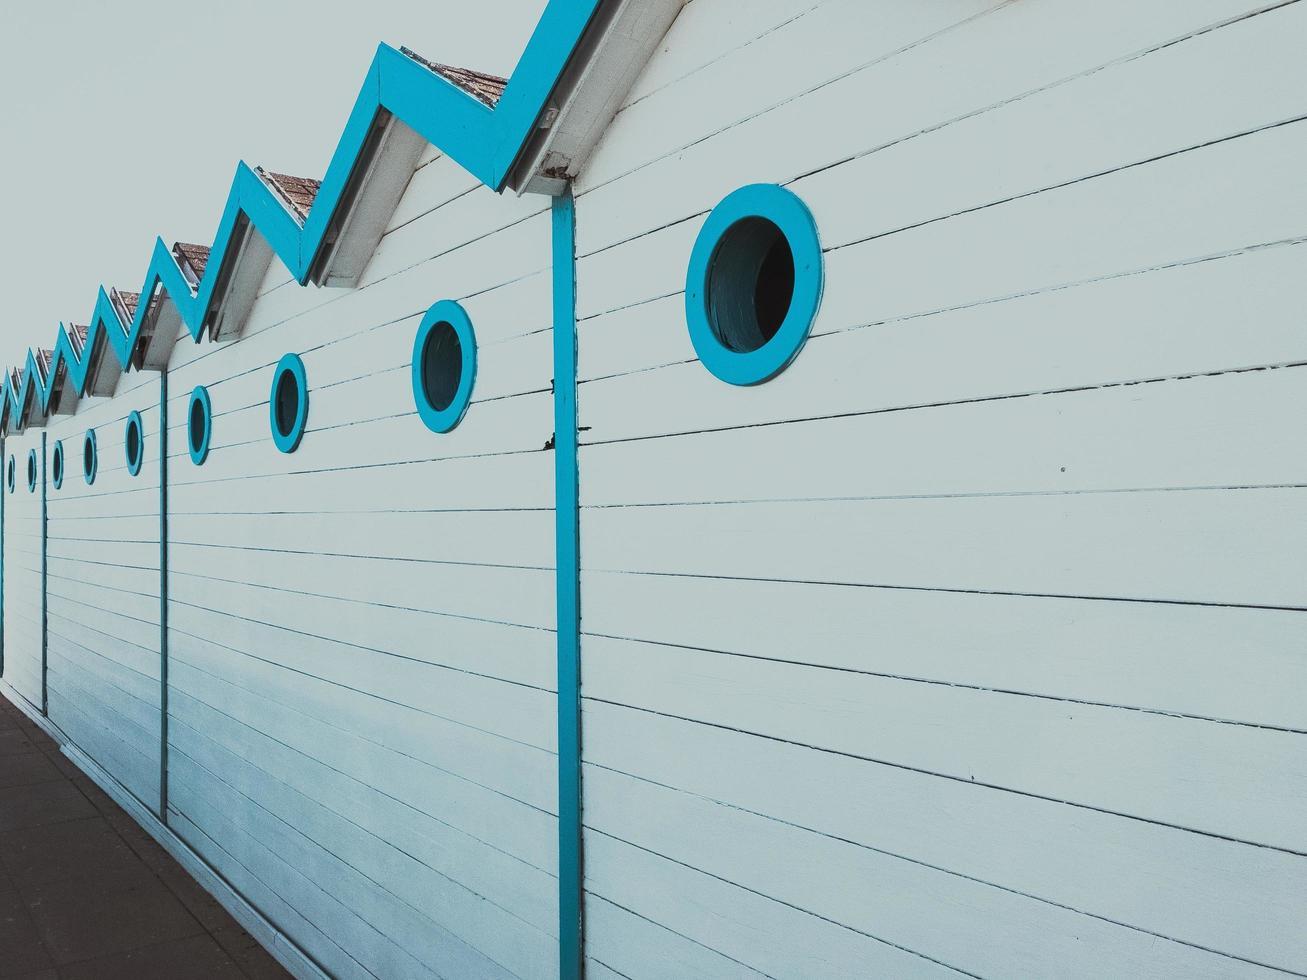 vit och blå byggnad sidospår foto